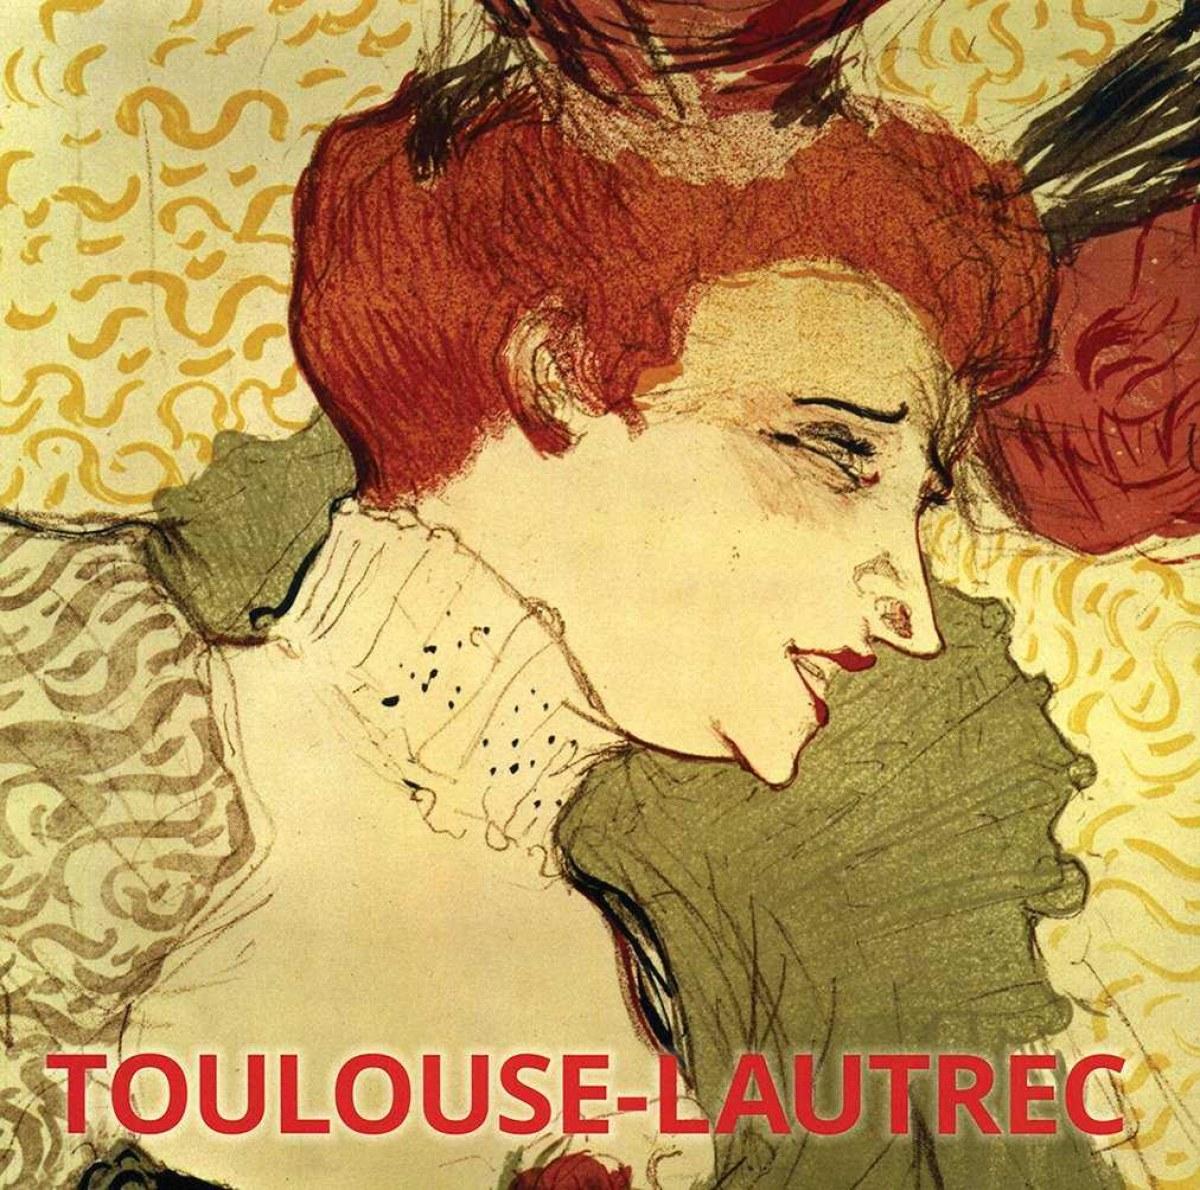 TOULOUSE-LAUTREC 9783955886745